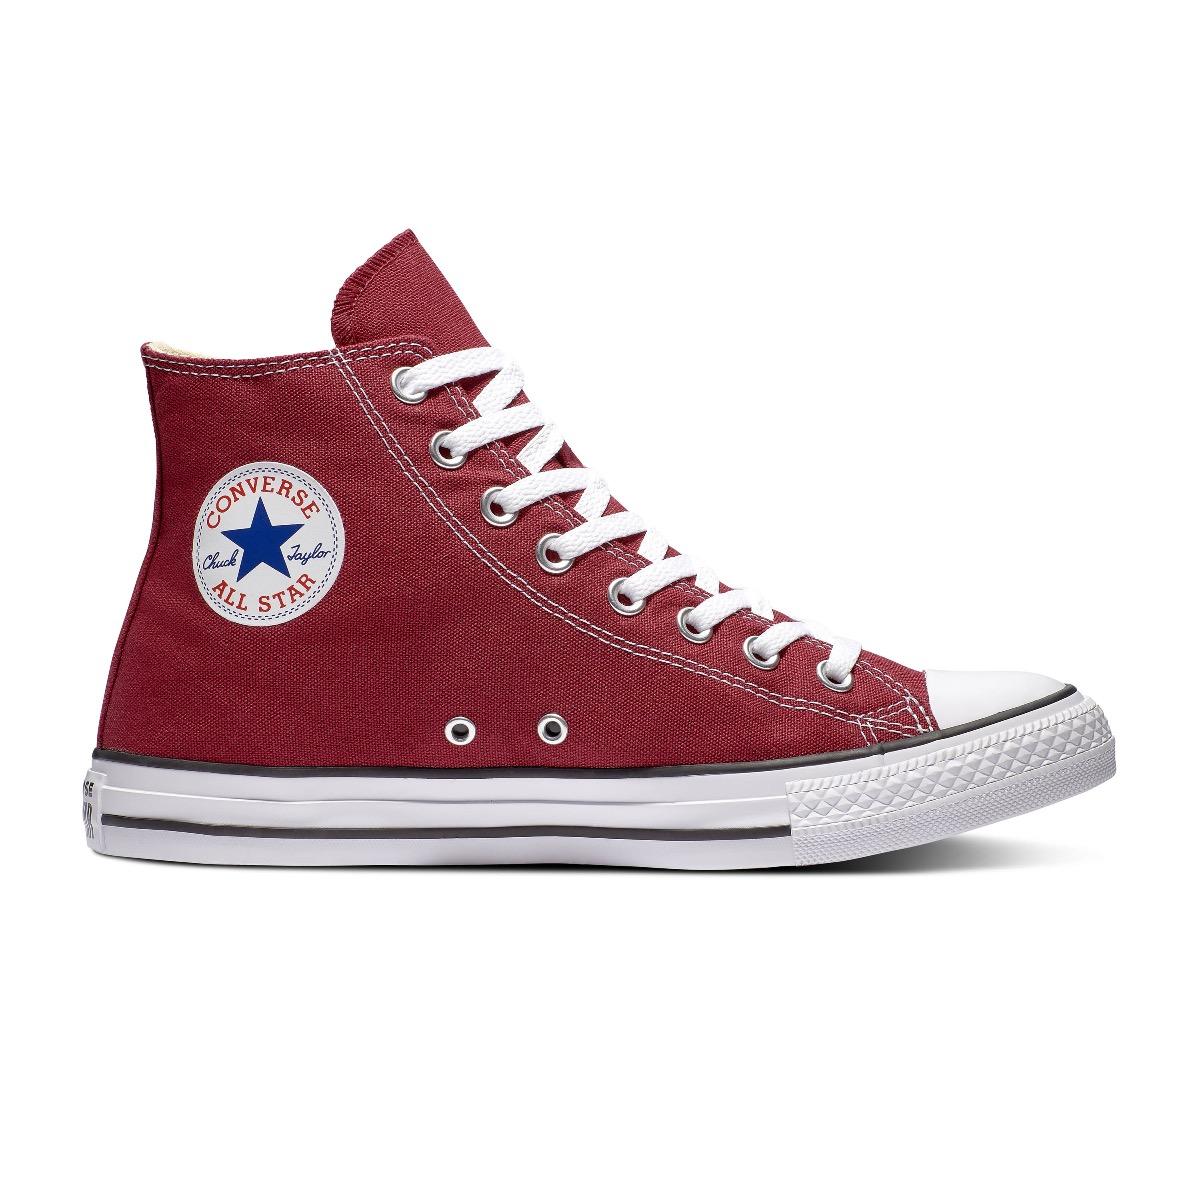 Converse All Stars Hoog Bordeaux Rood maat 37.5